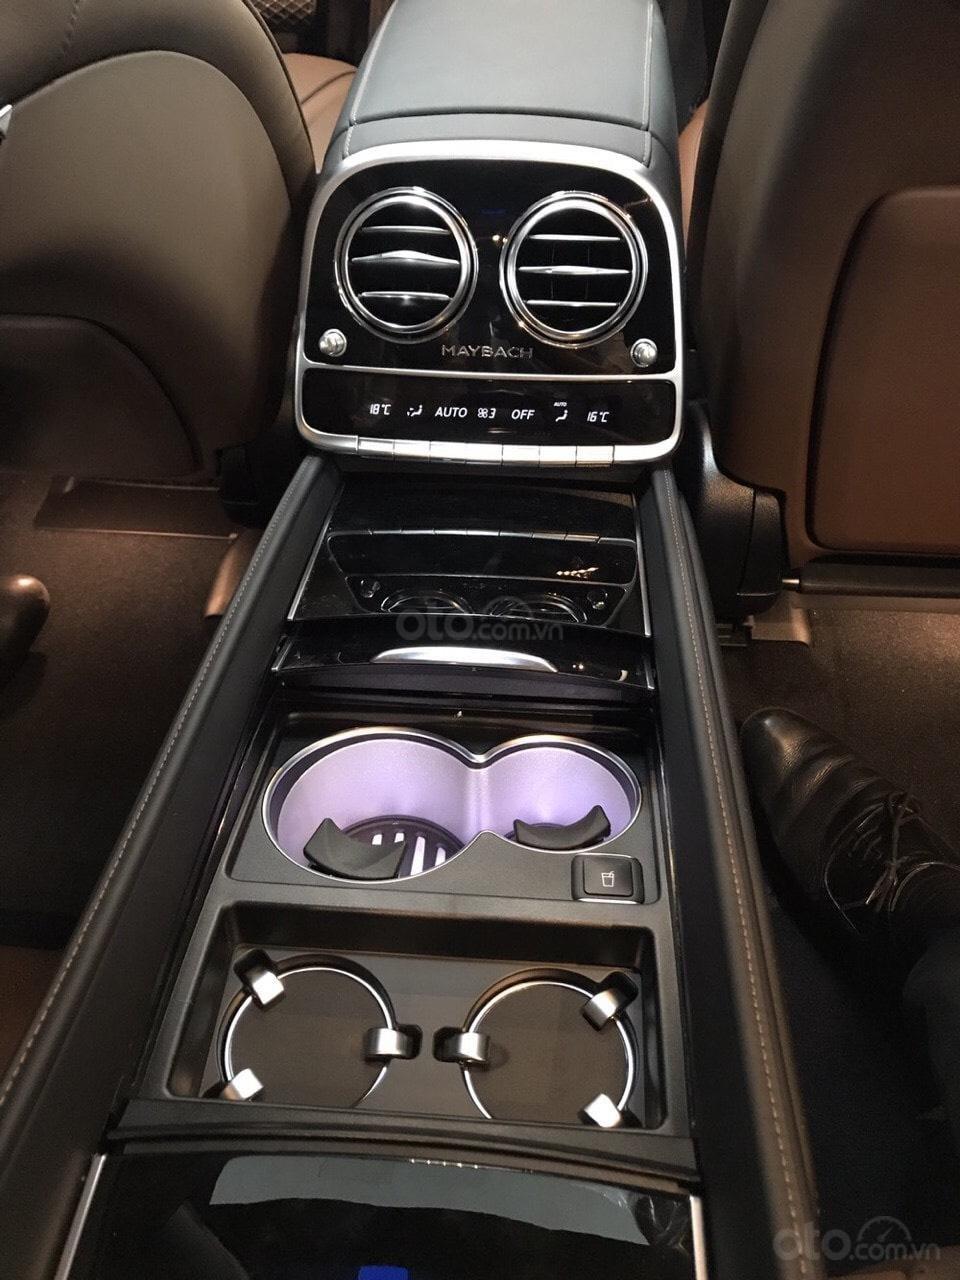 Bán Mercedes-Maybach S450 2020 hoàn toàn mới, galang mới, xe giao ngay tháng 02/2020 (6)